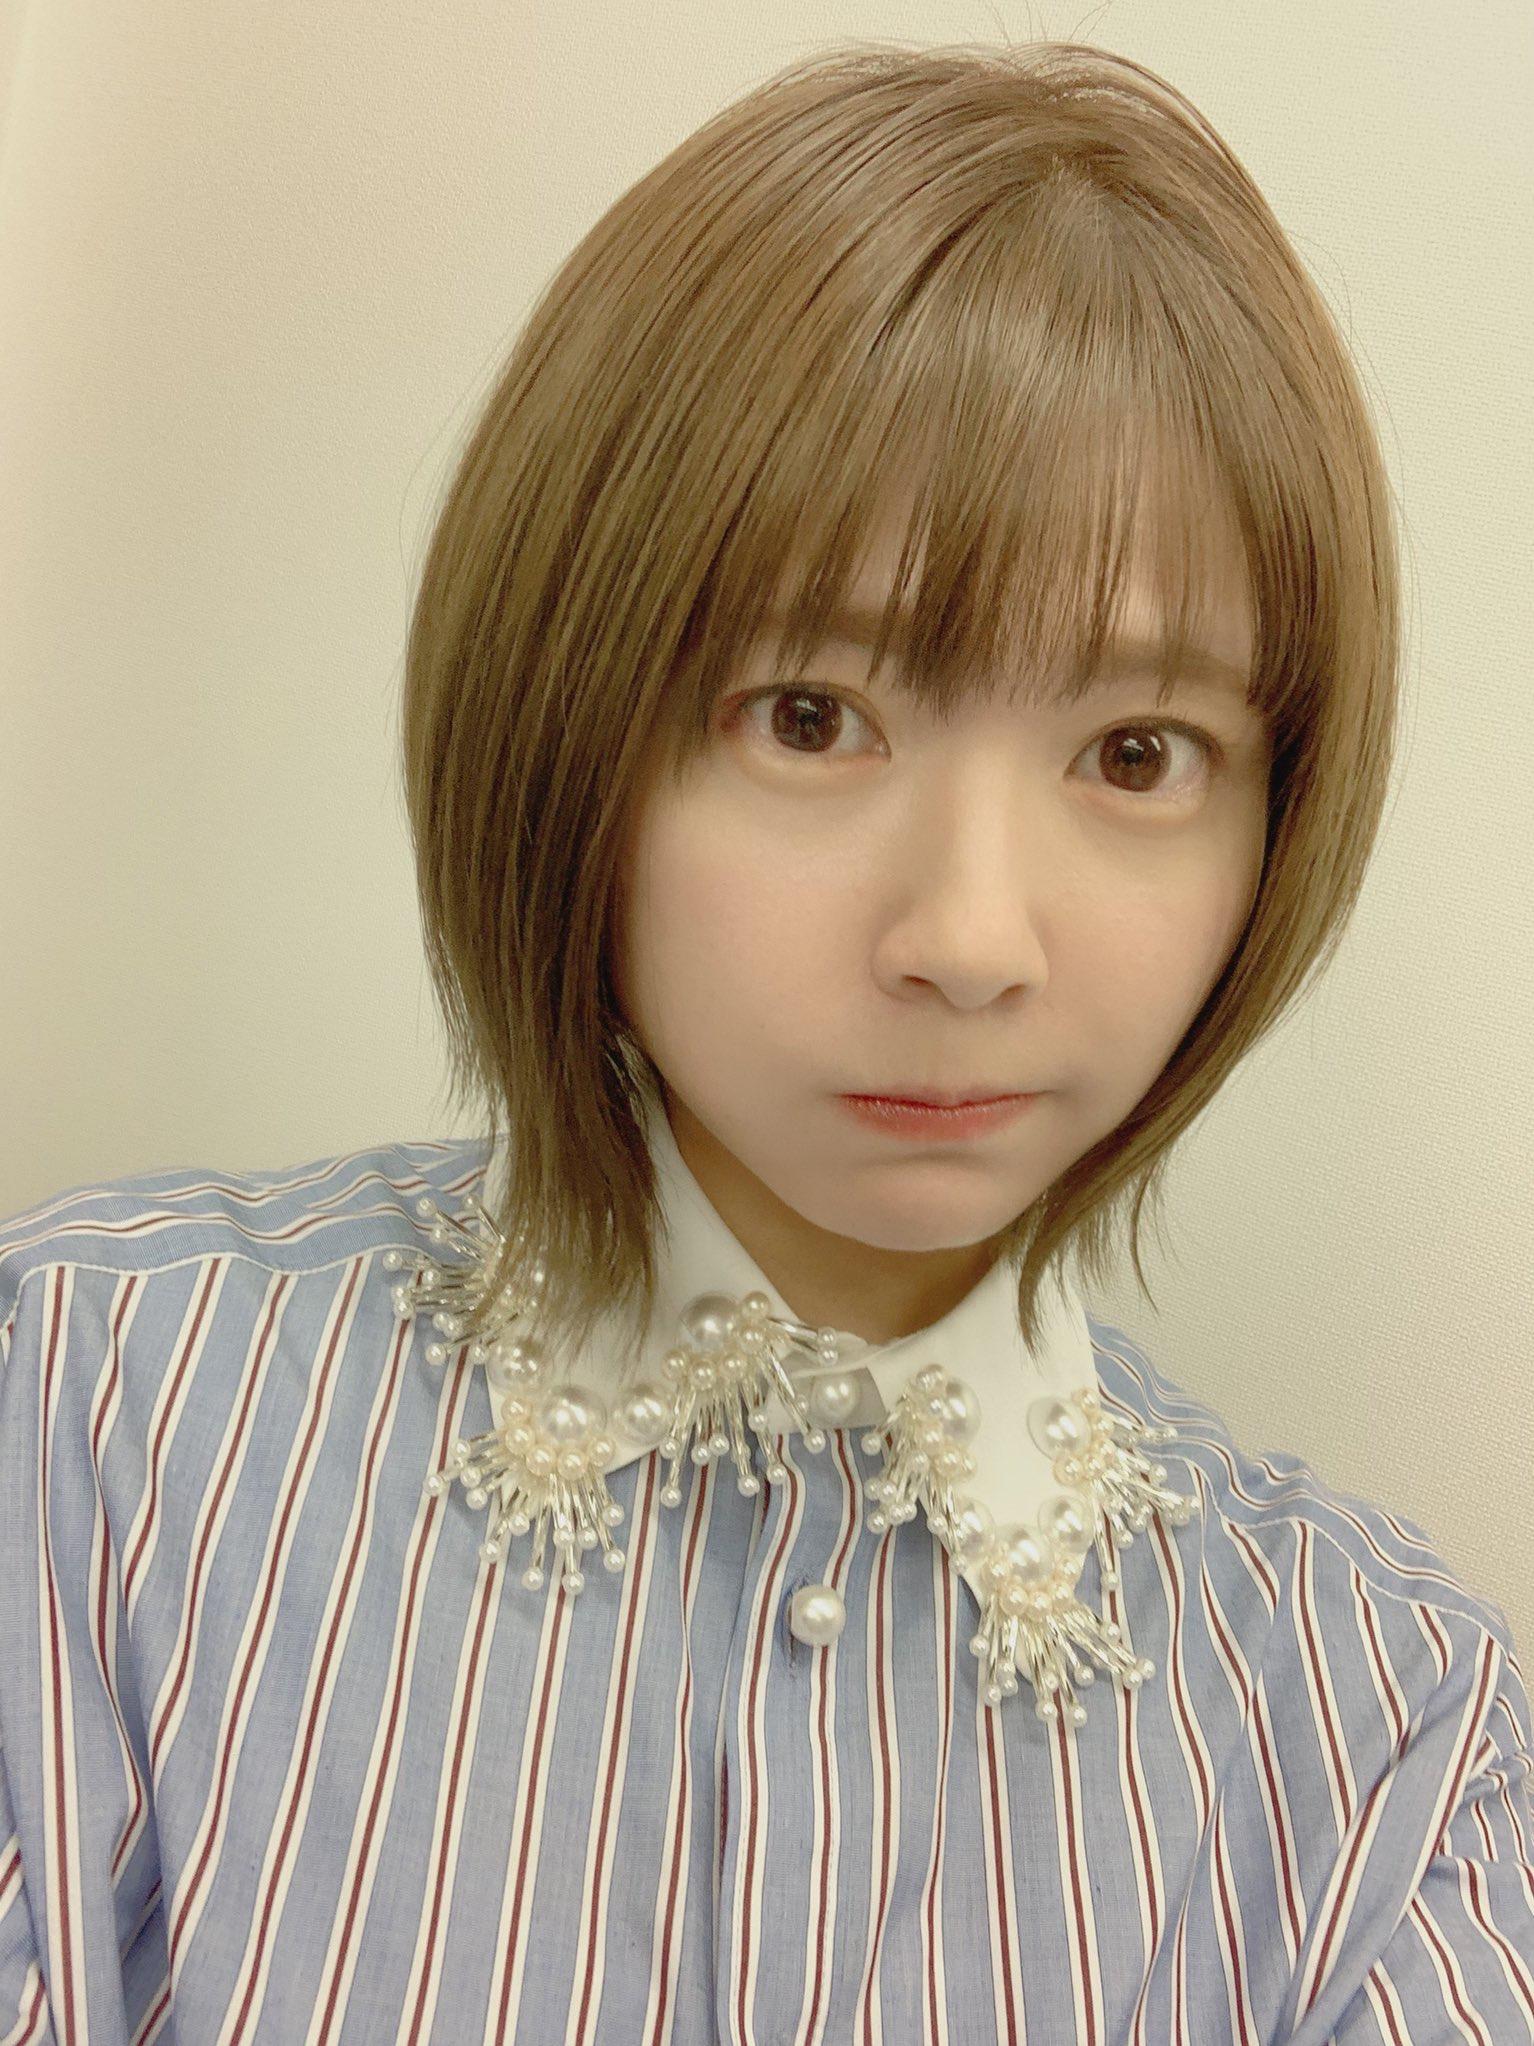 【画像】竹達彩奈さんが美しすぎる・・・どんどん美しくなってないか??